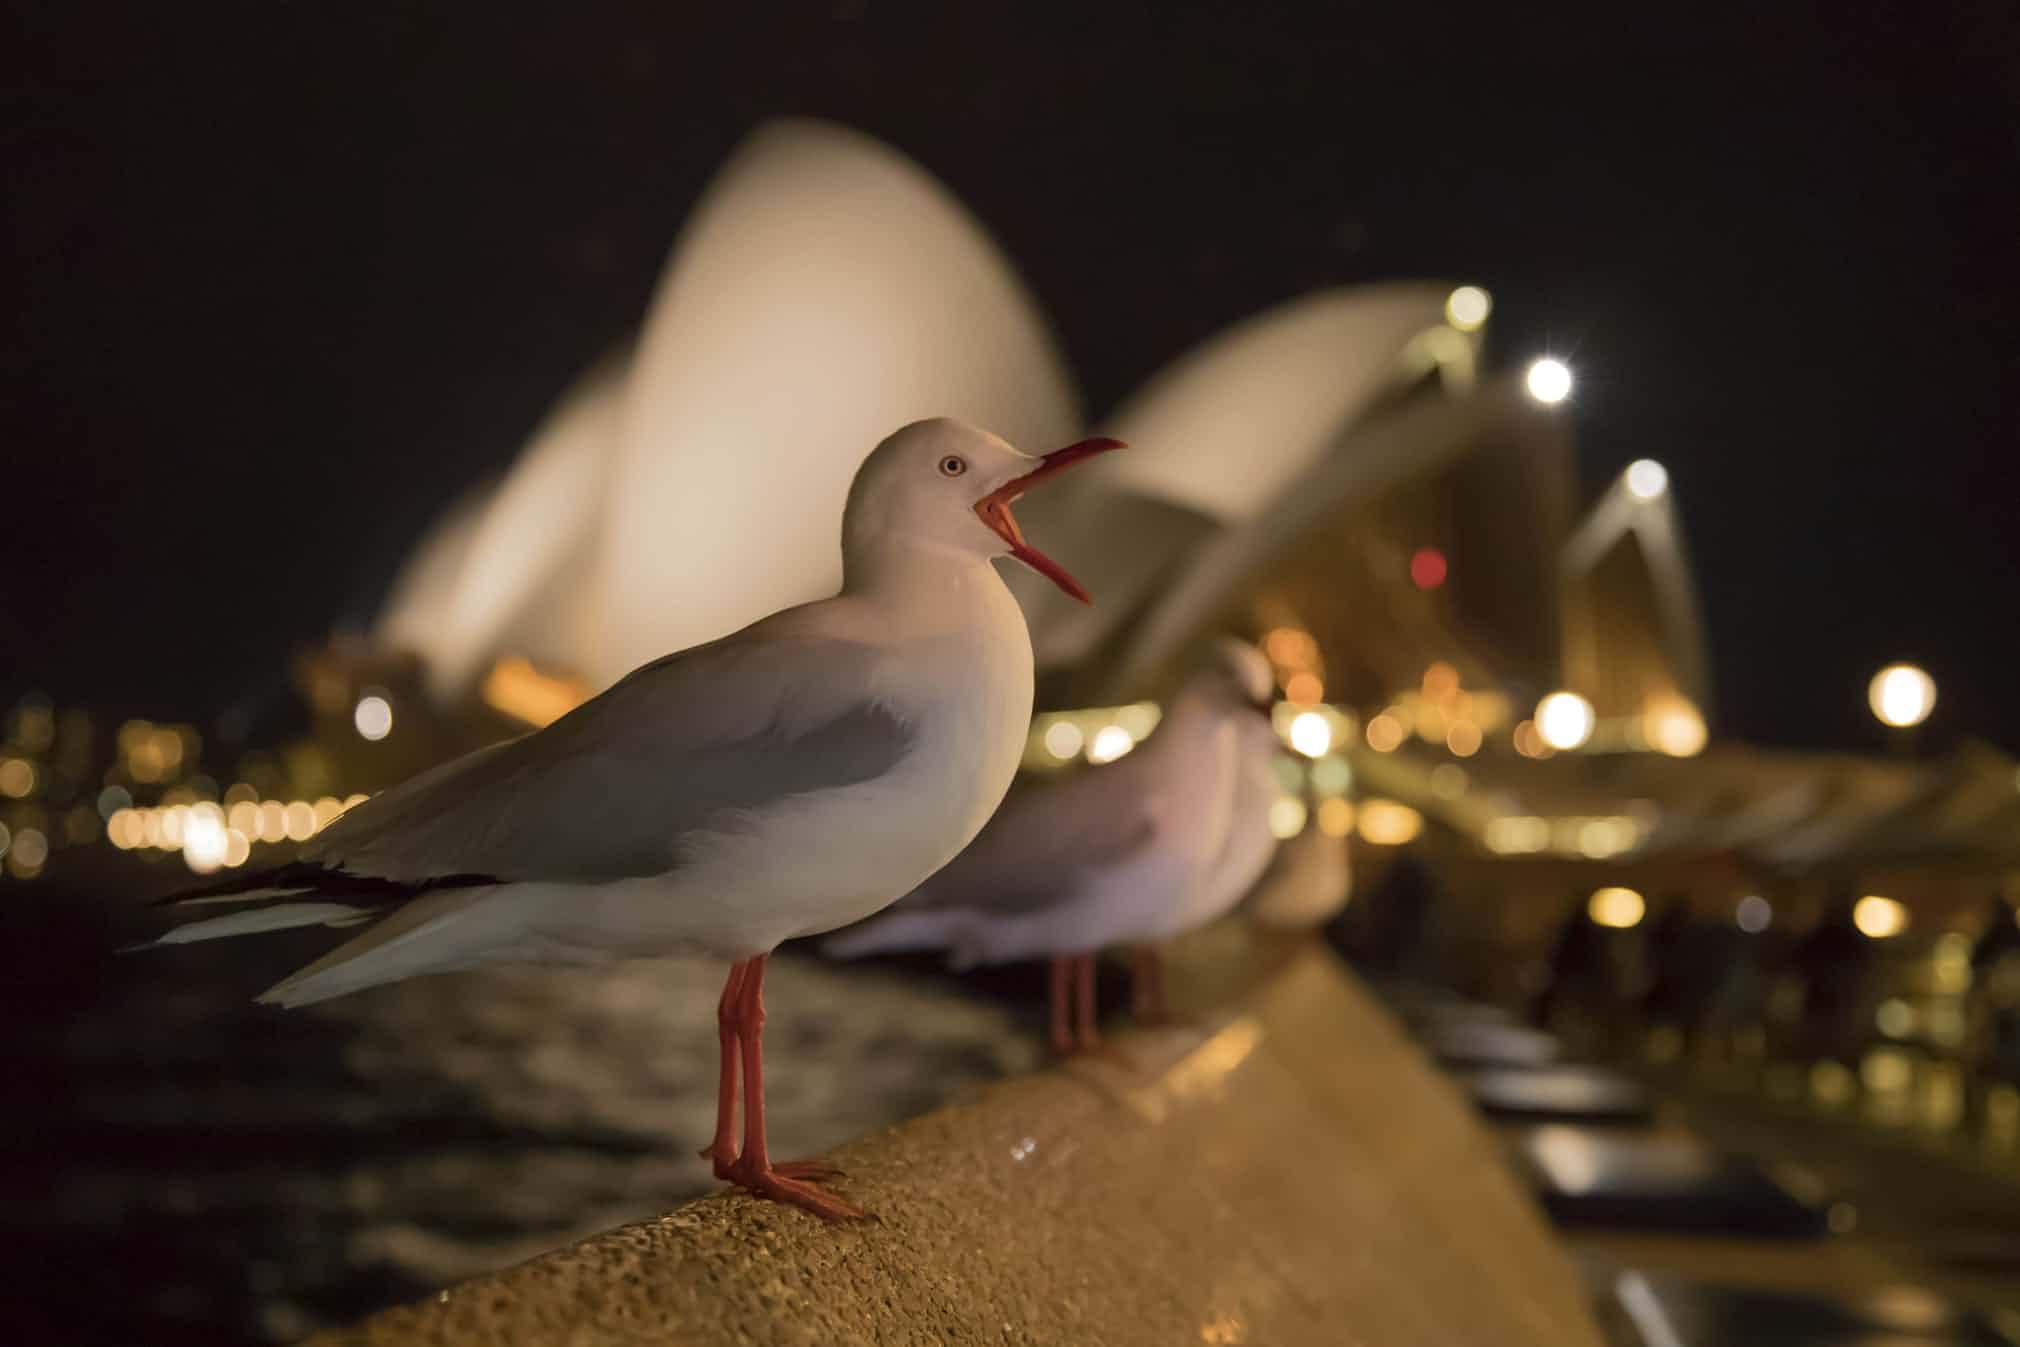 Категория «Садовые игородские птицы», третье место: австралийская чайка, фотограф — Кевин Соуфорд, Великобритания